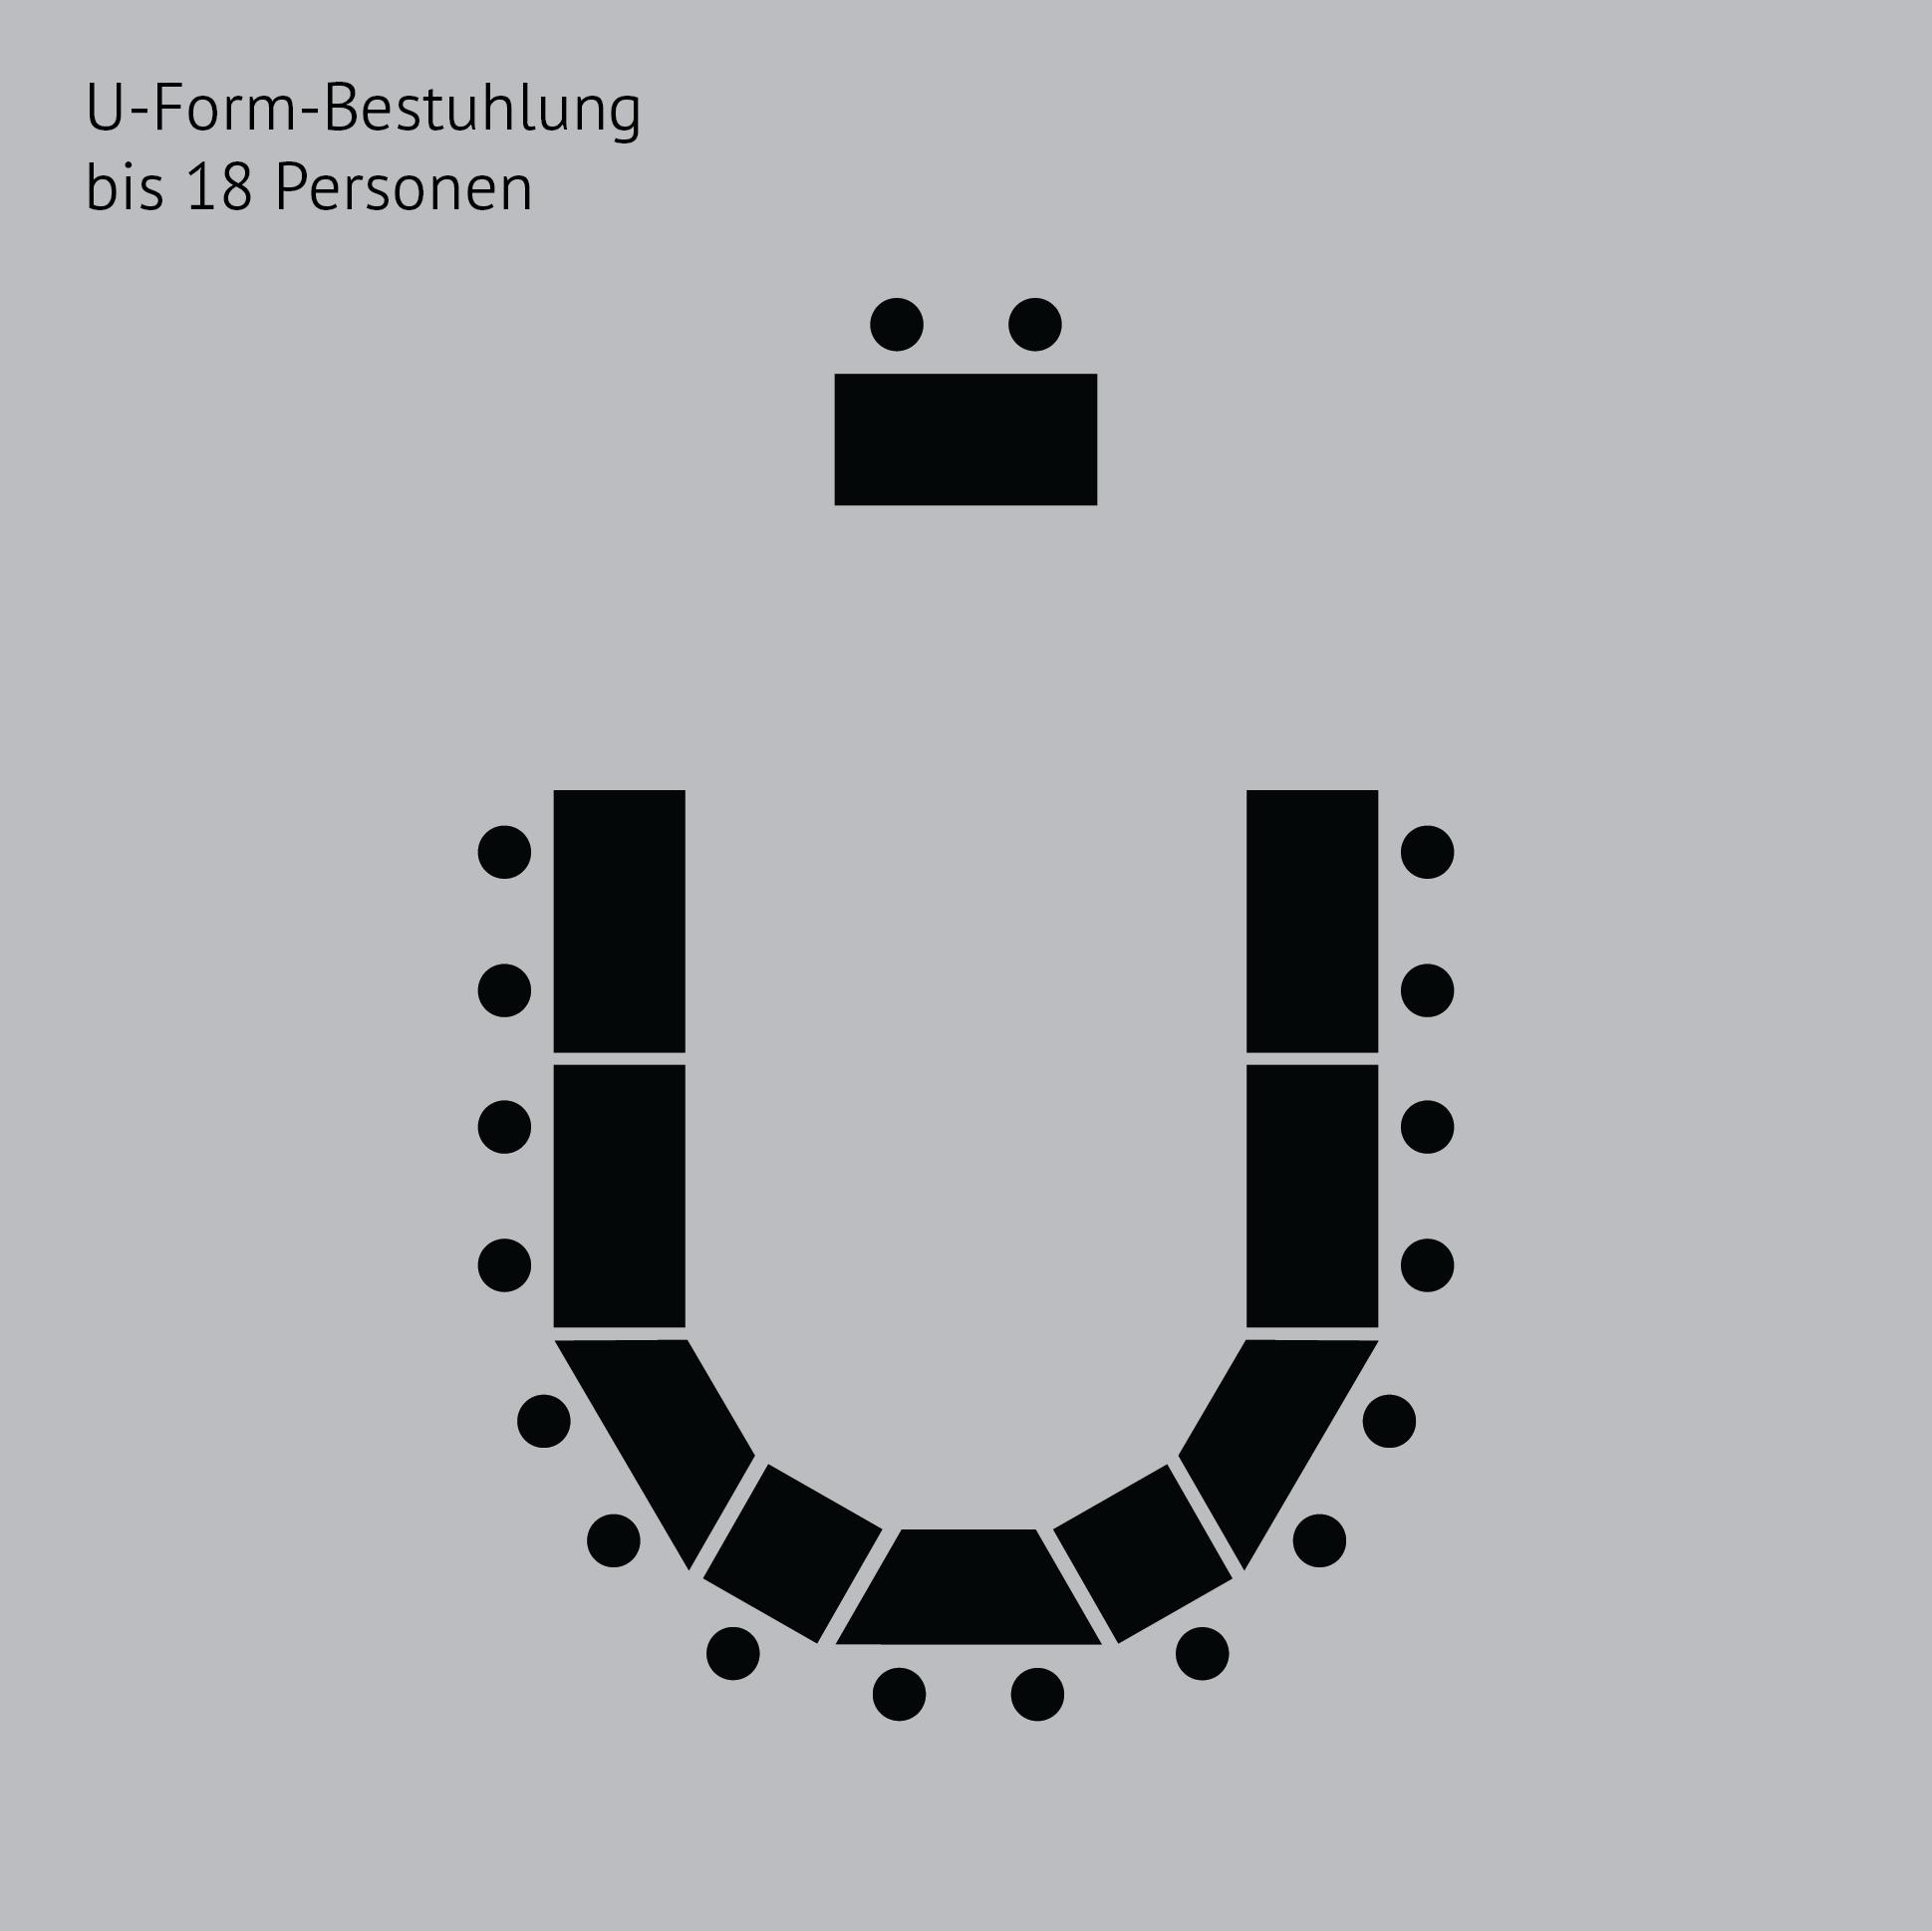 Seminarraum_Hoher-Kasten_465x465px_U-Form